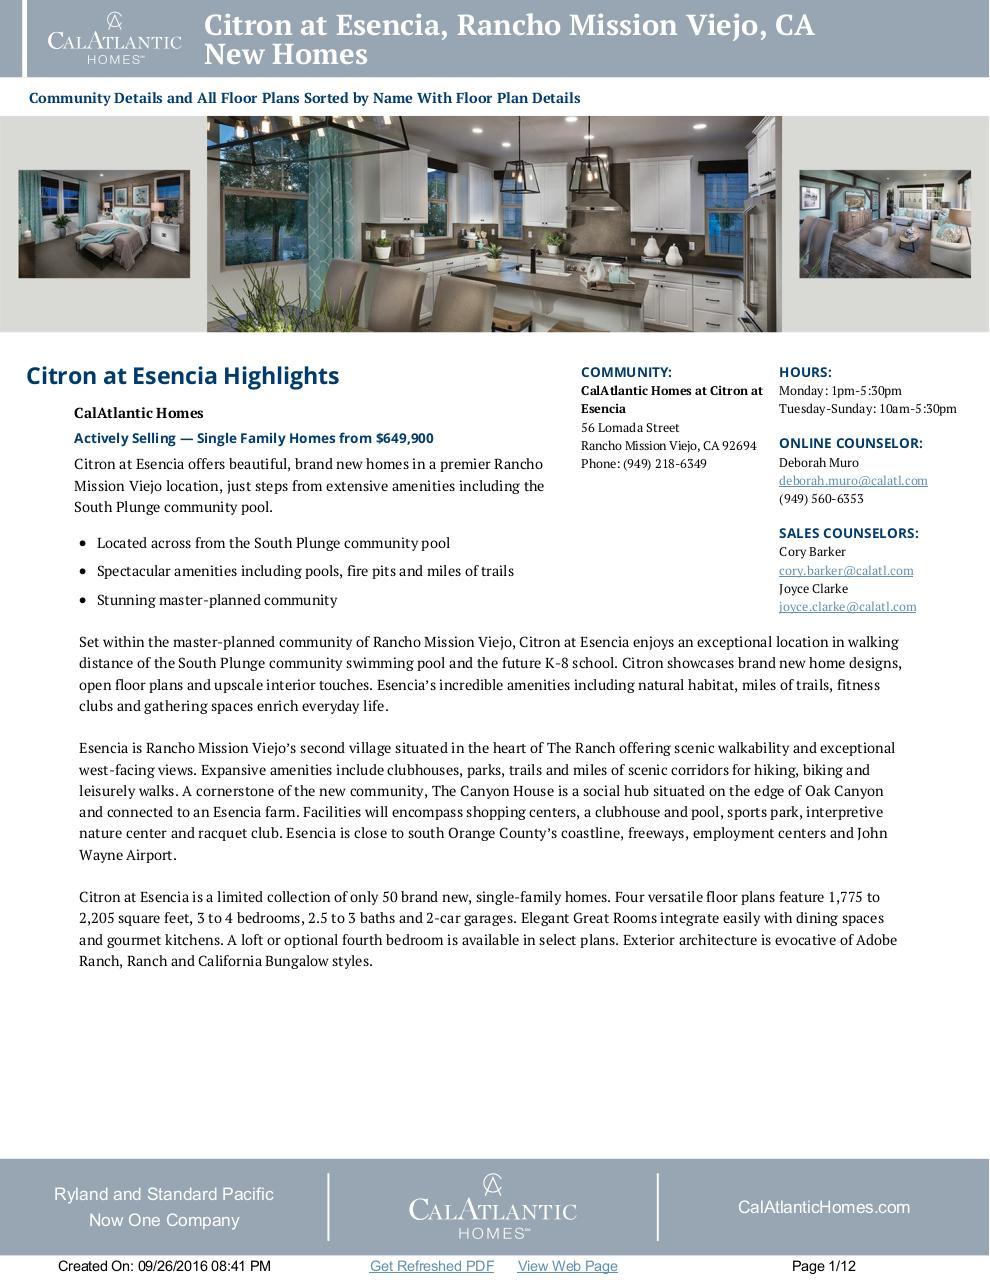 Citron At Esencia New Homes In Rancho Mission Viejo Ca 92694